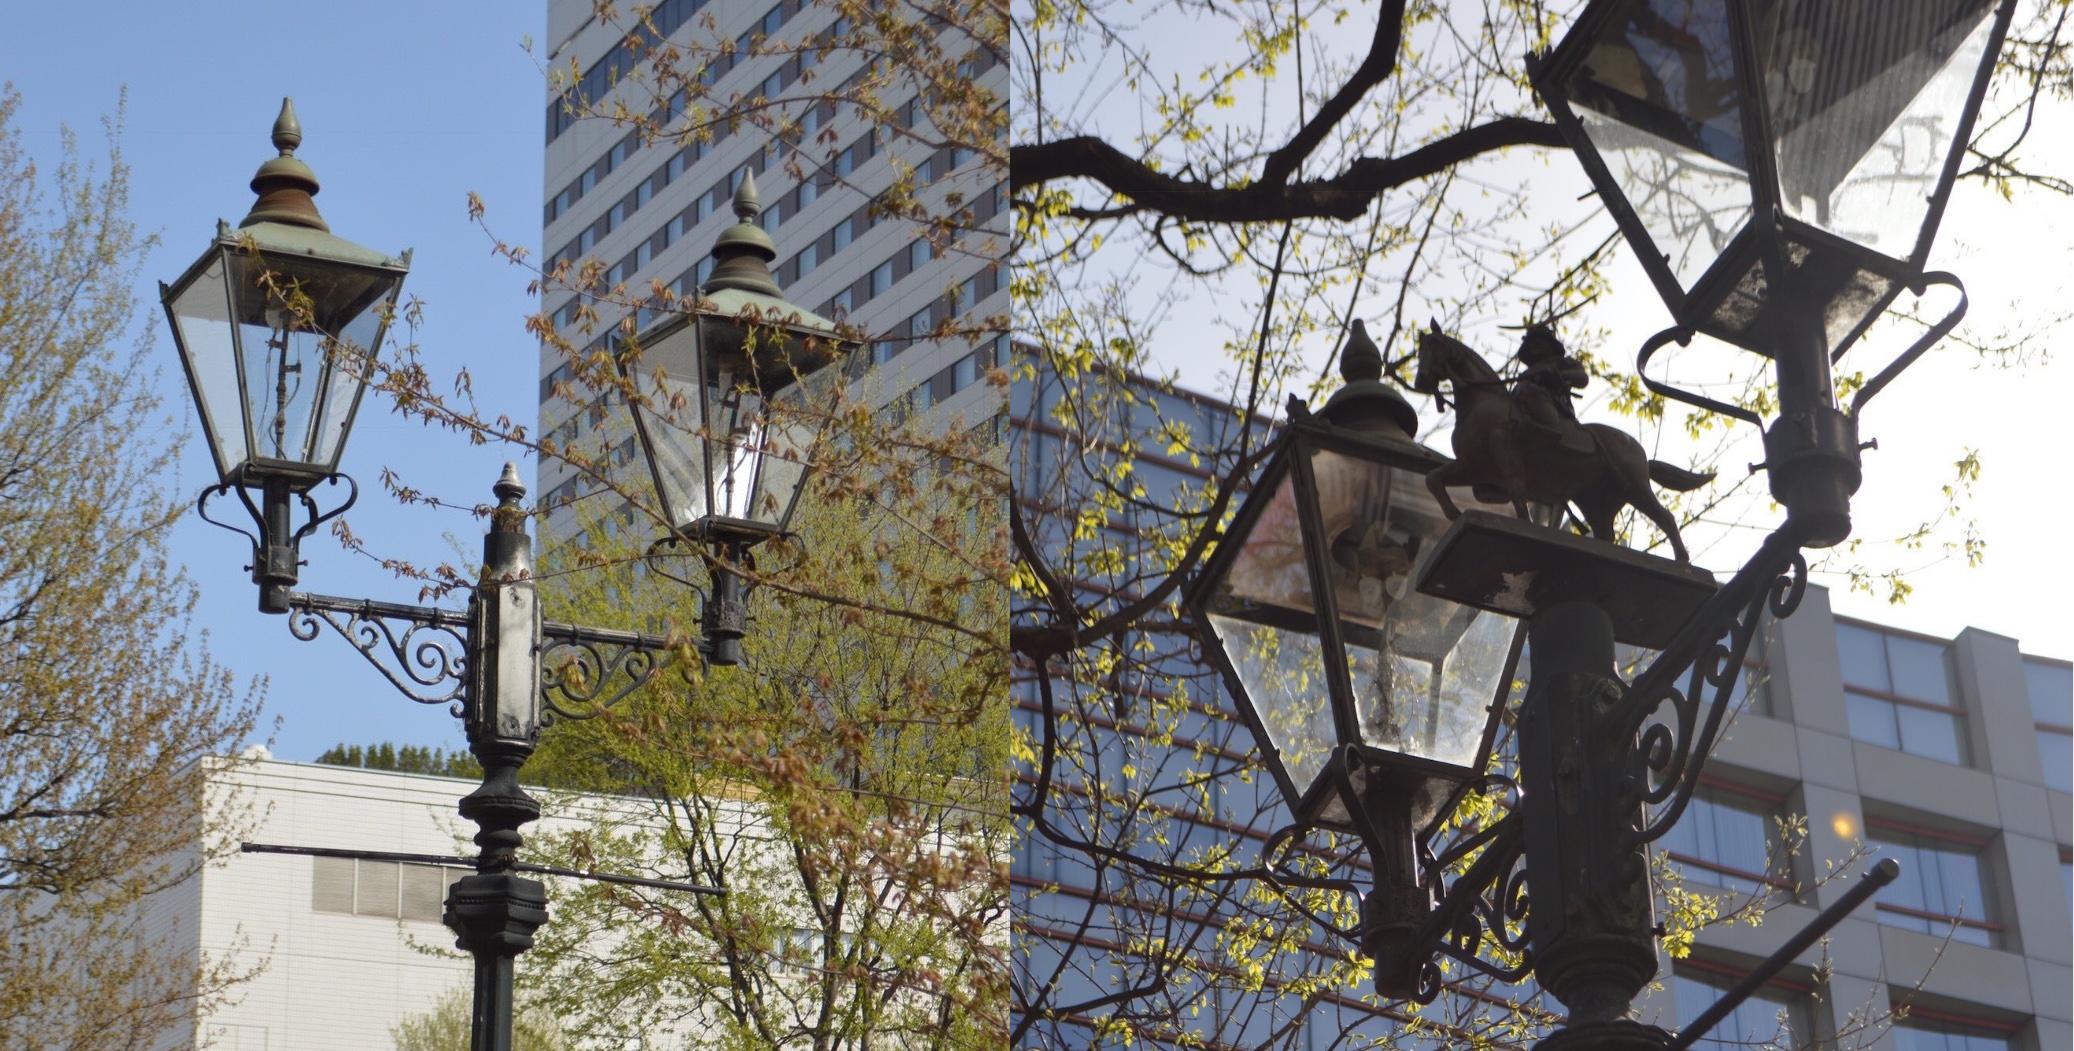 仙台市中心部の通常のガス灯(左)と、「隠れ政宗」がいるガス灯(右)